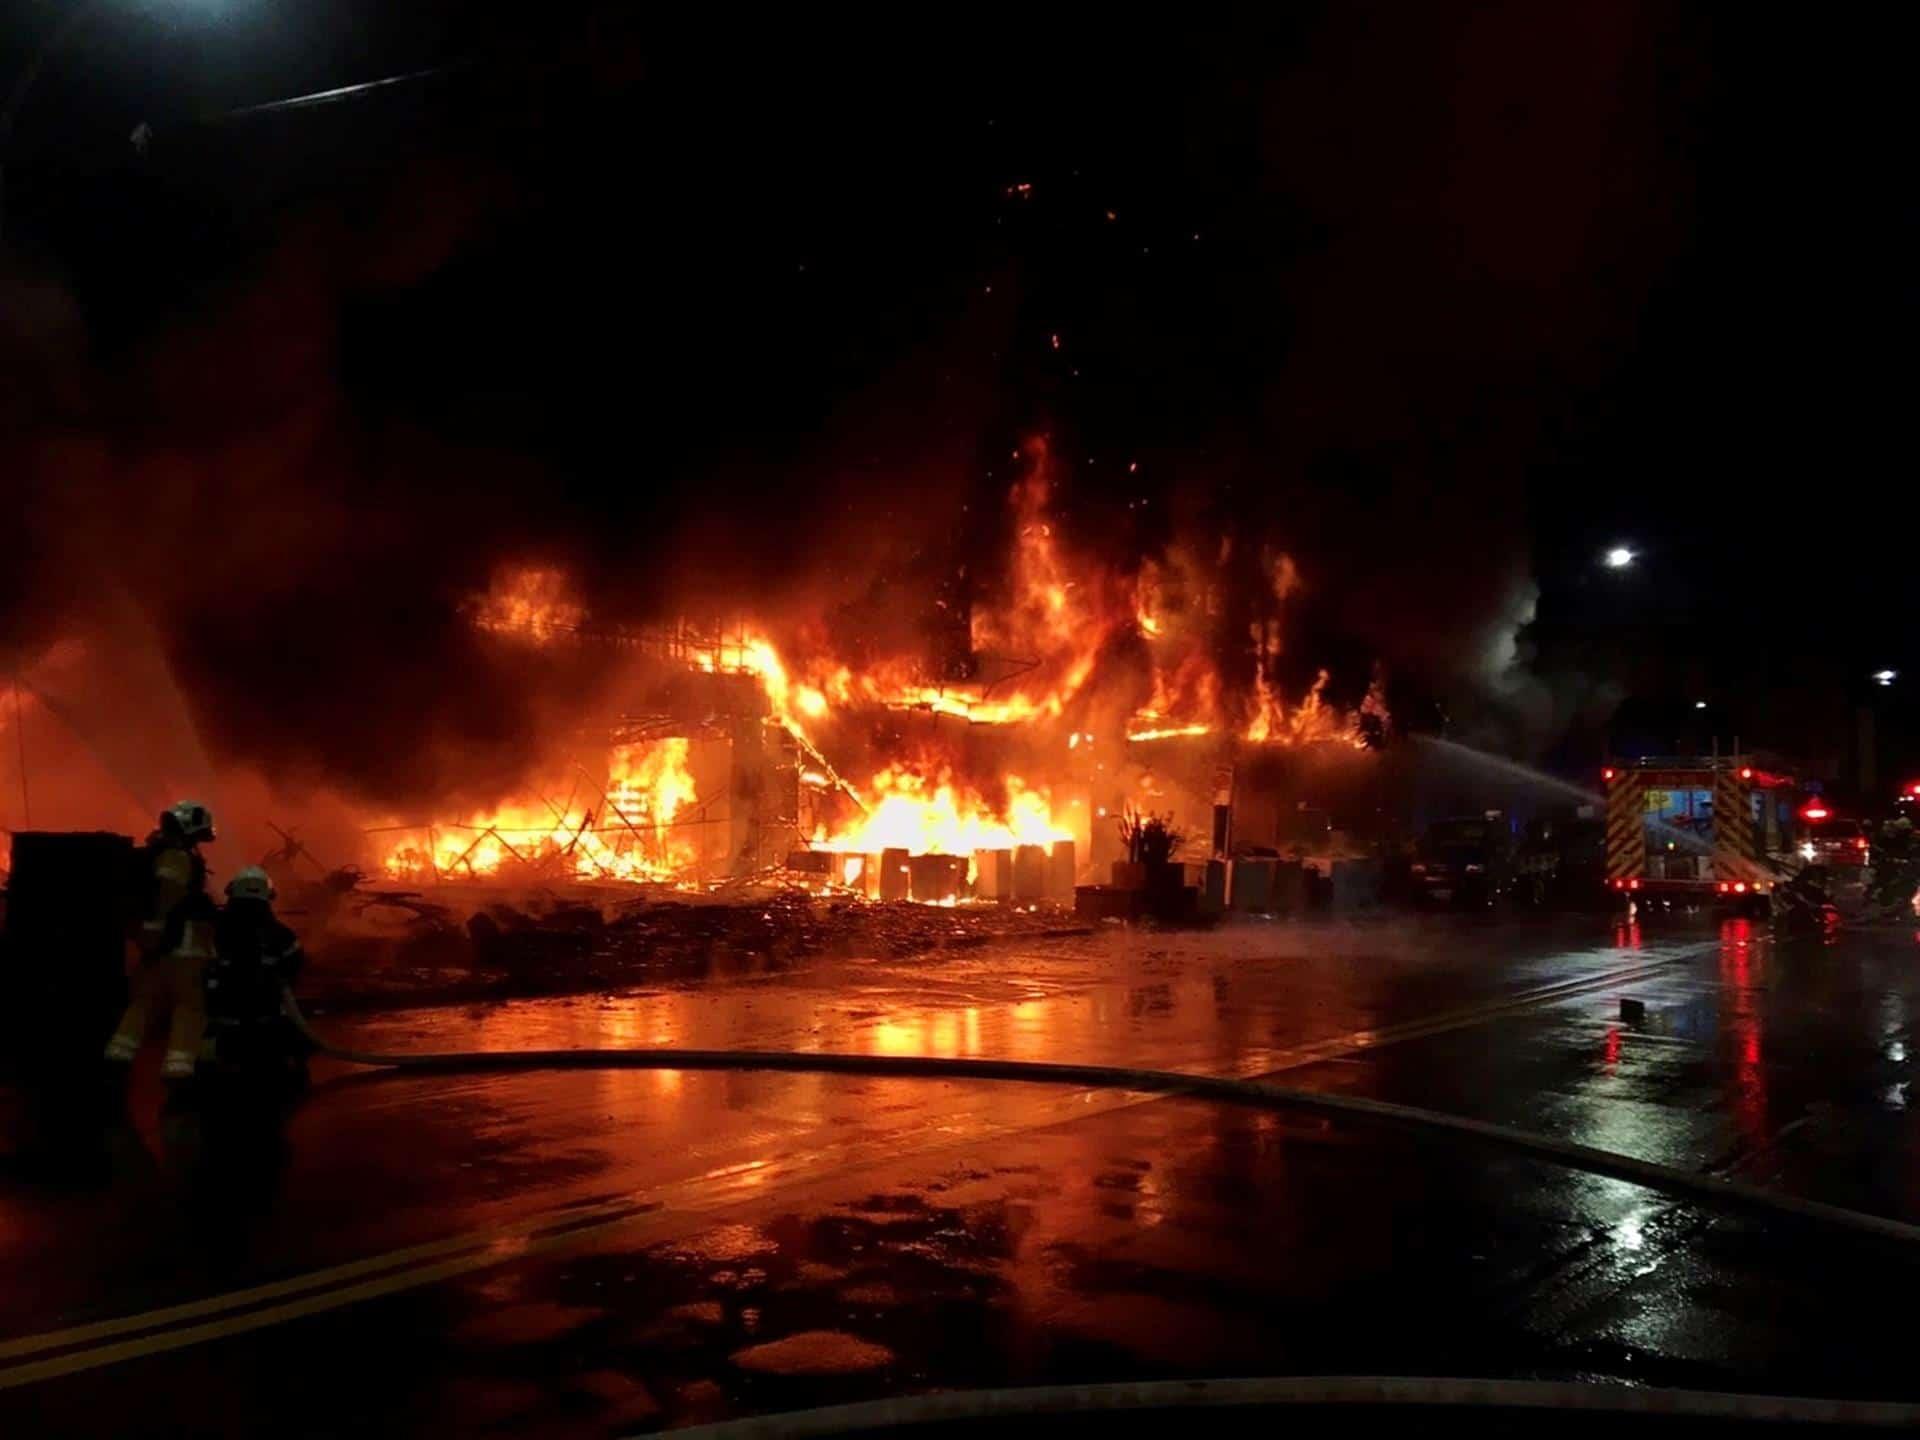 incendioedificio-taiwán